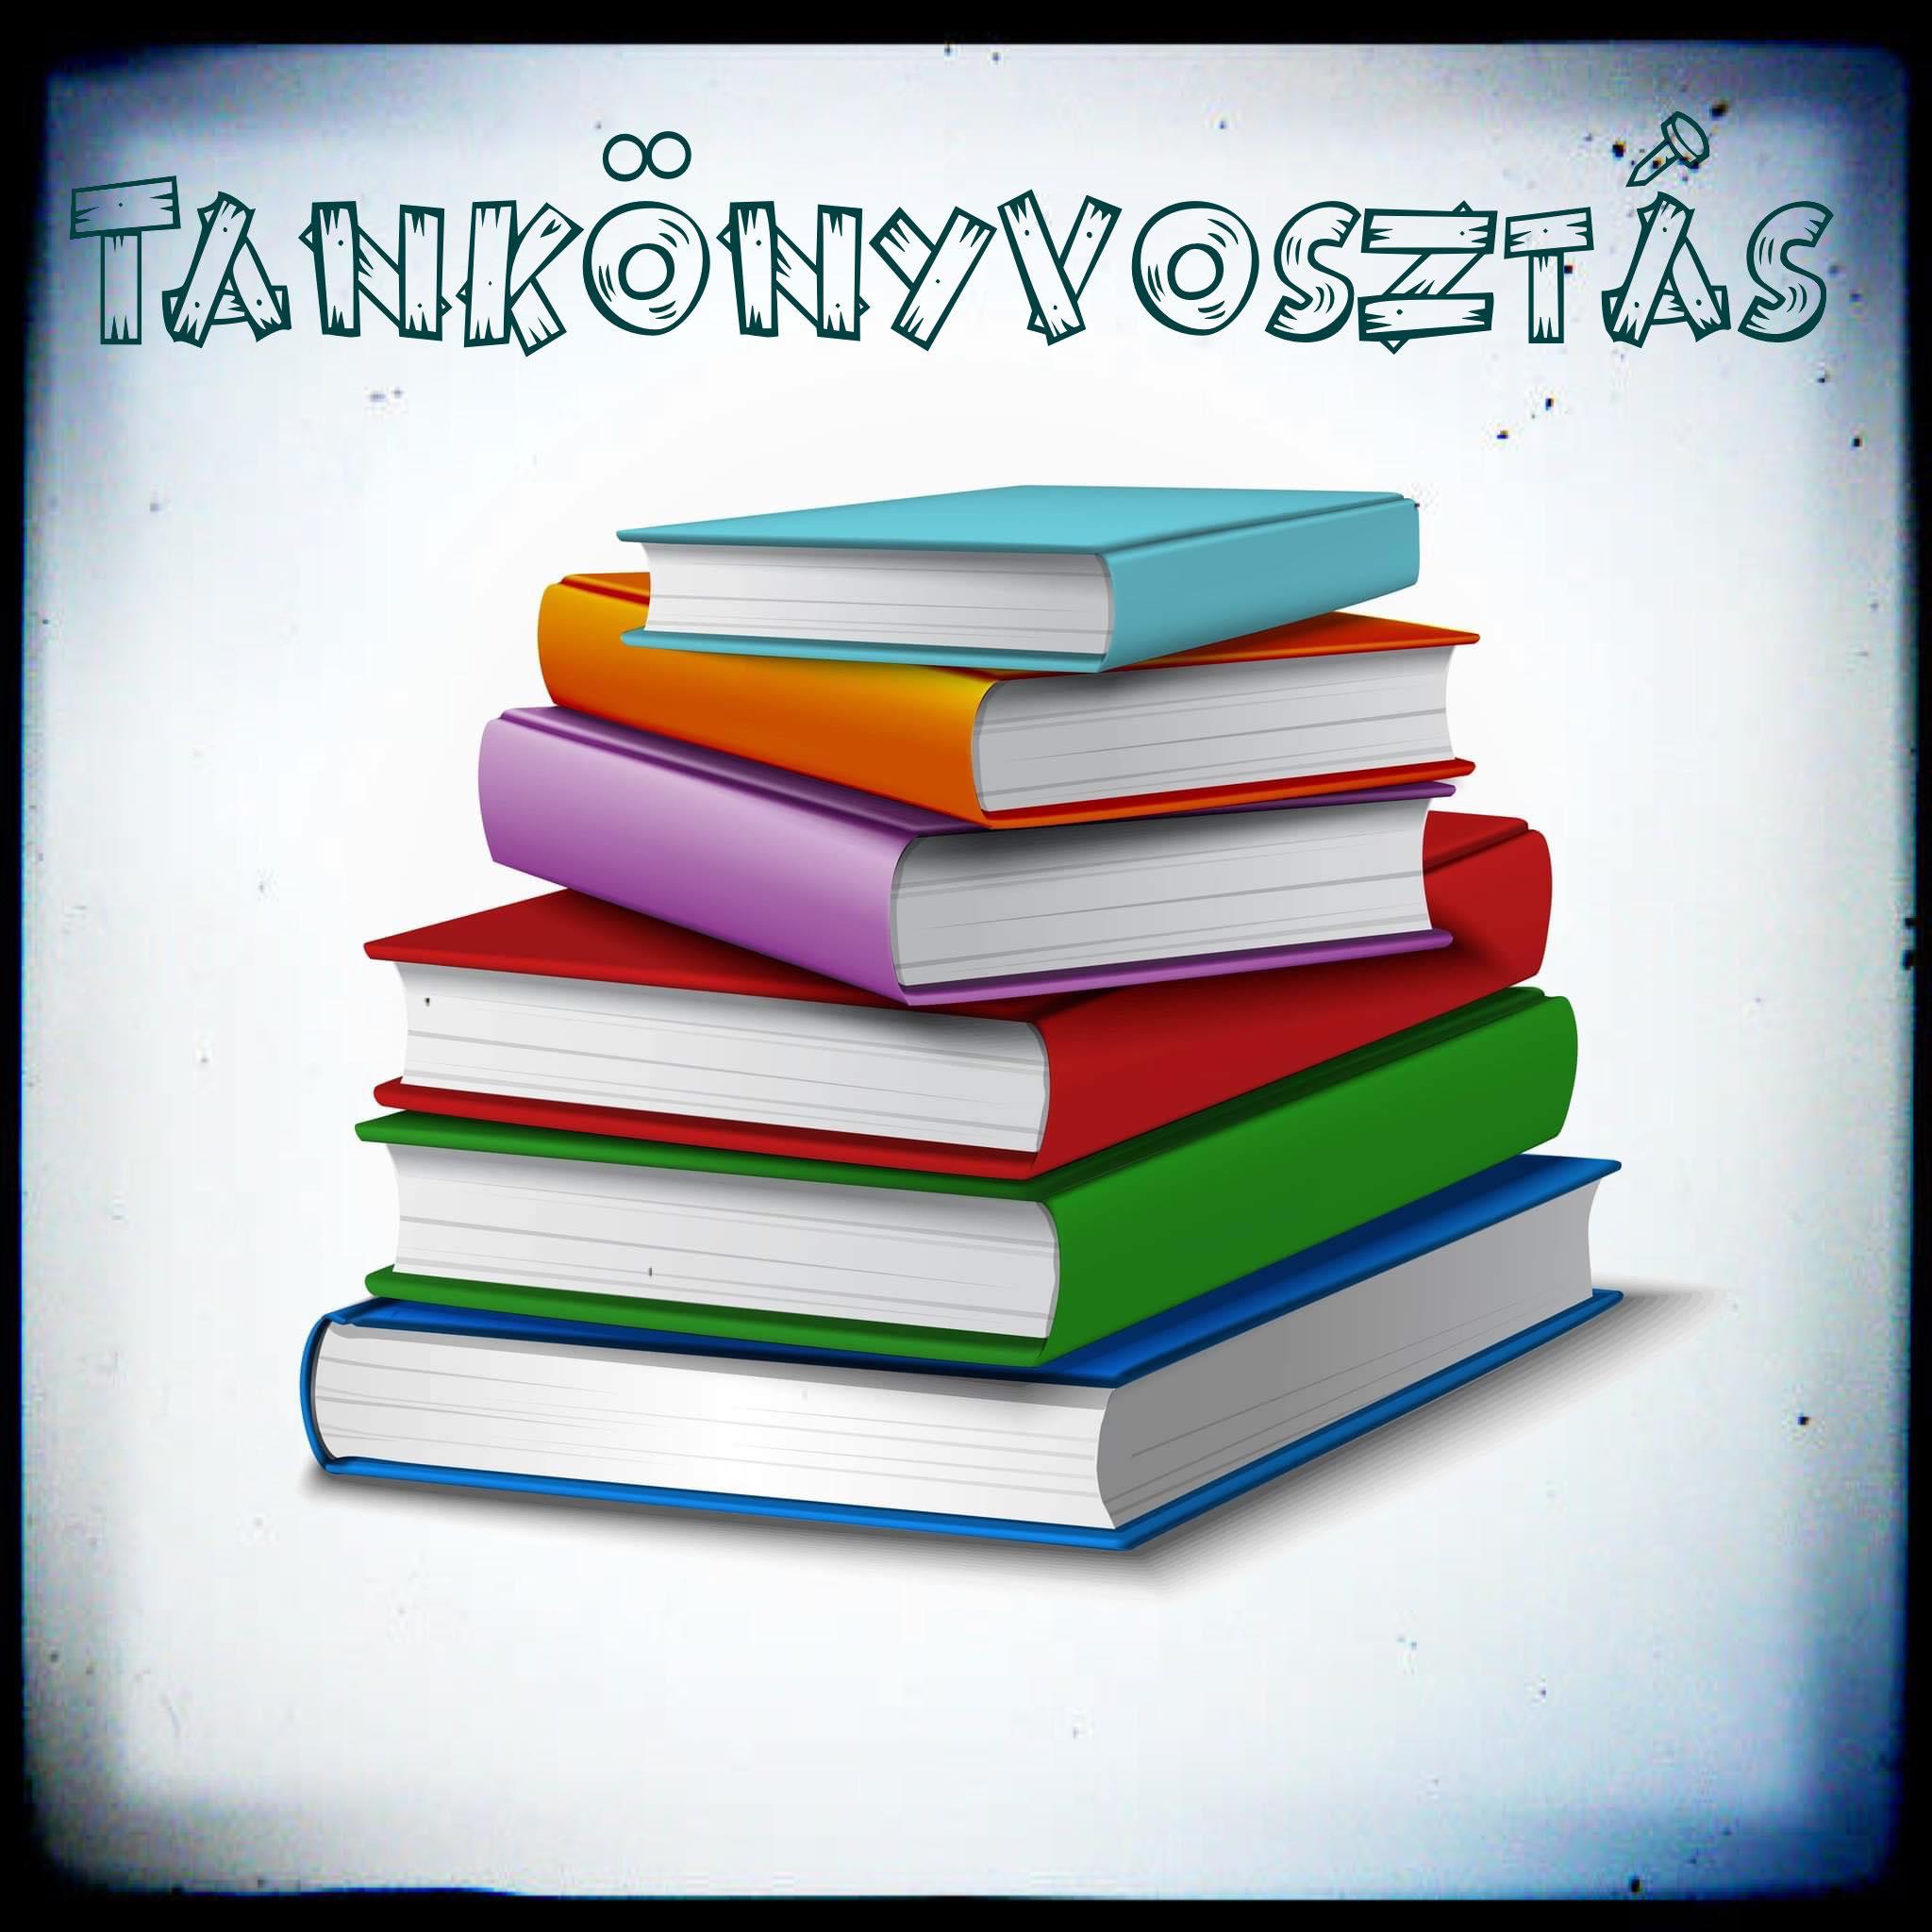 Tankönyvosztás 2020/21 tanév